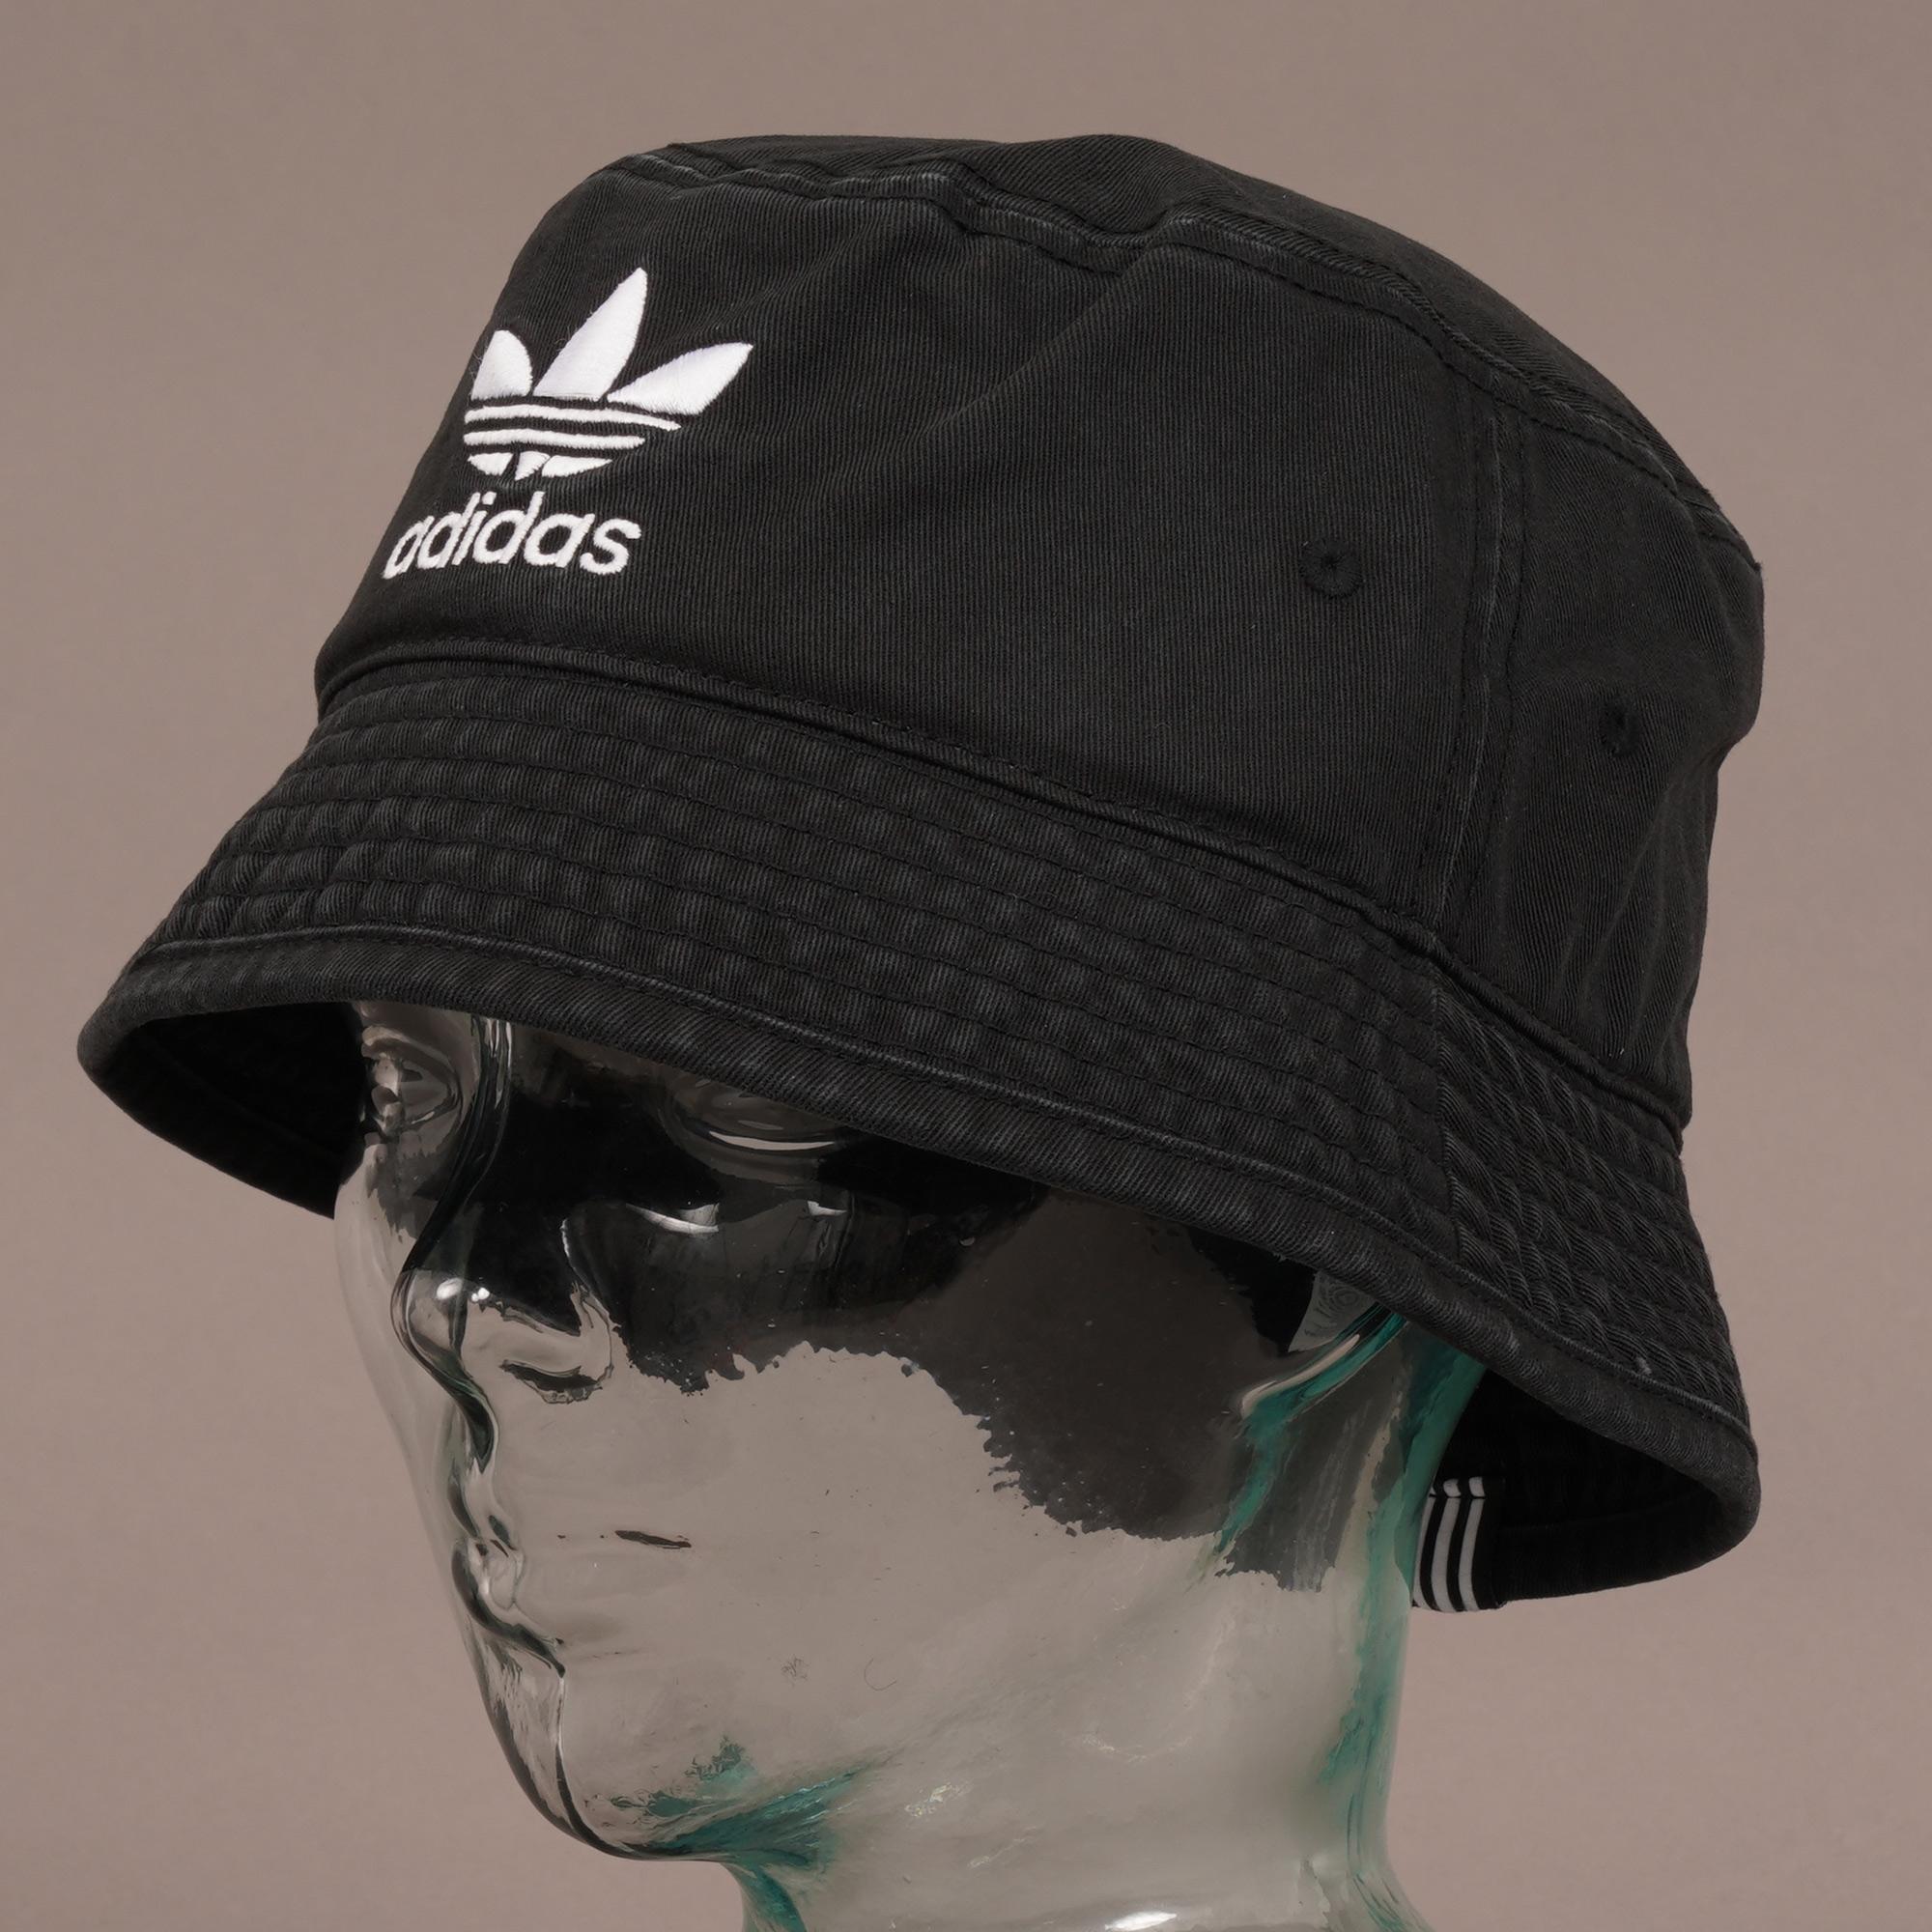 c3de56c59f2 Adidas Originals - Trefoil Bucket Hat - Black for Men - Lyst. View  fullscreen